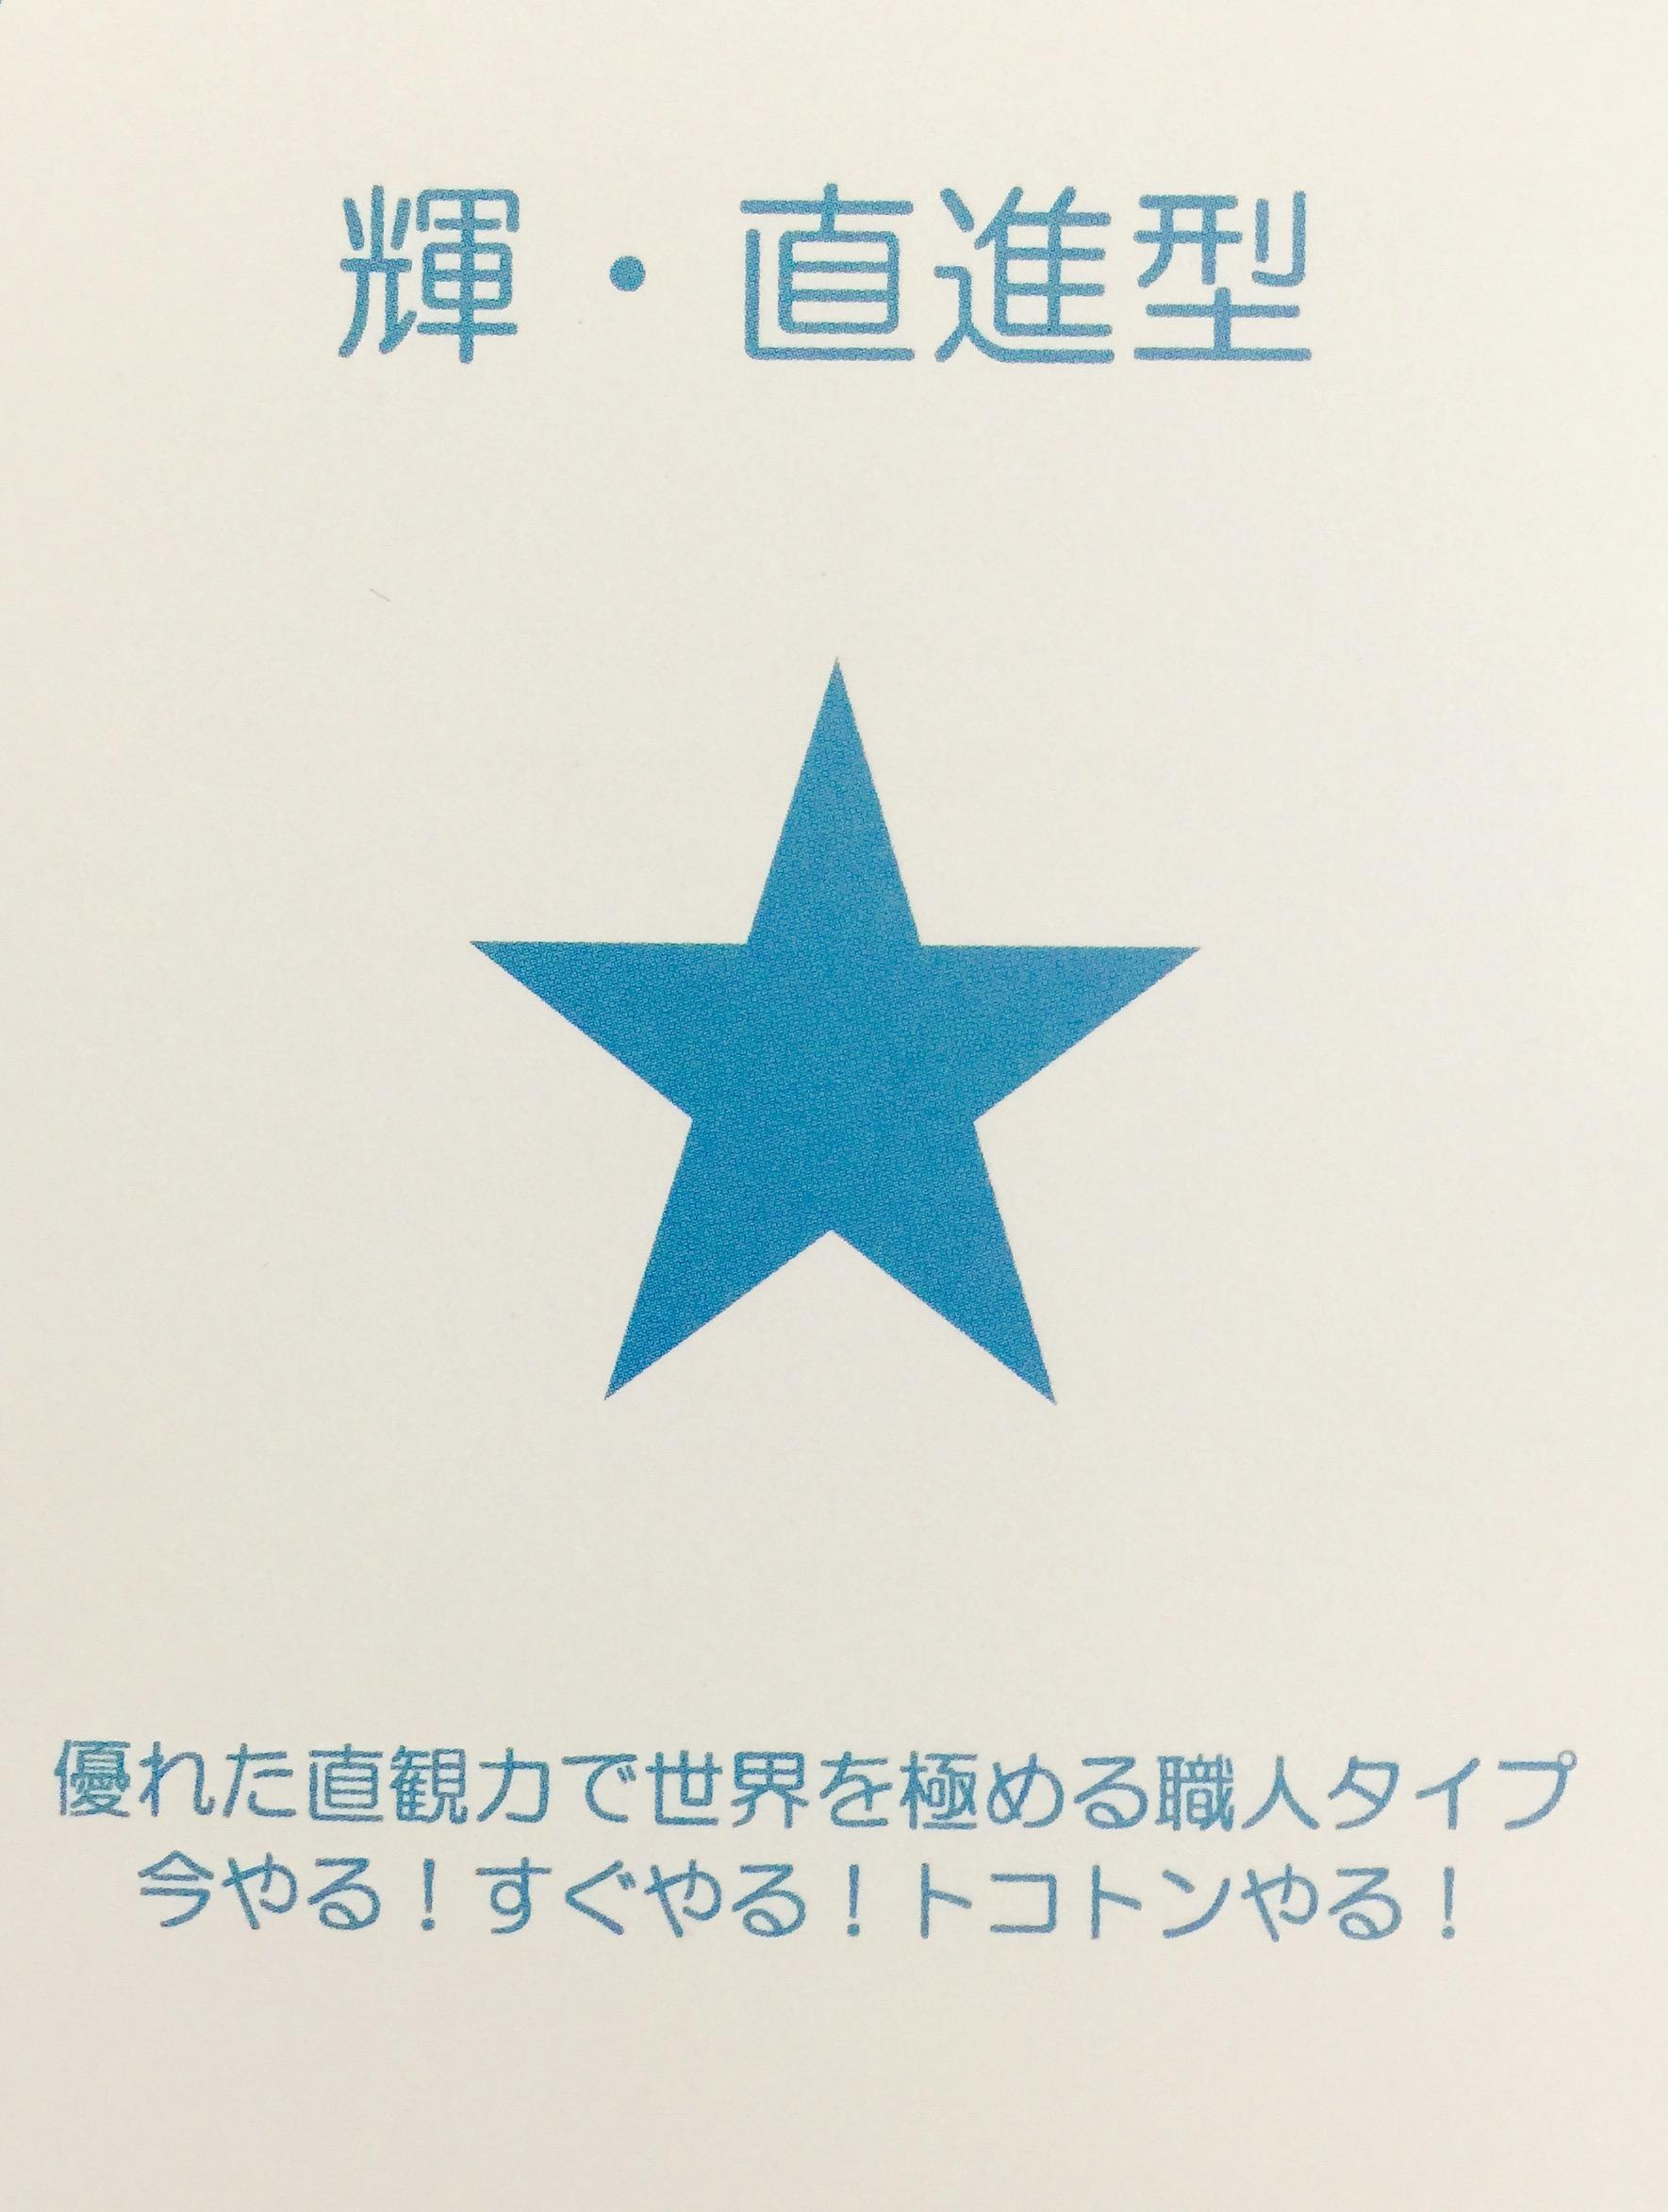 本田宗一郎さんの第2氣質、星水色は職人の星。